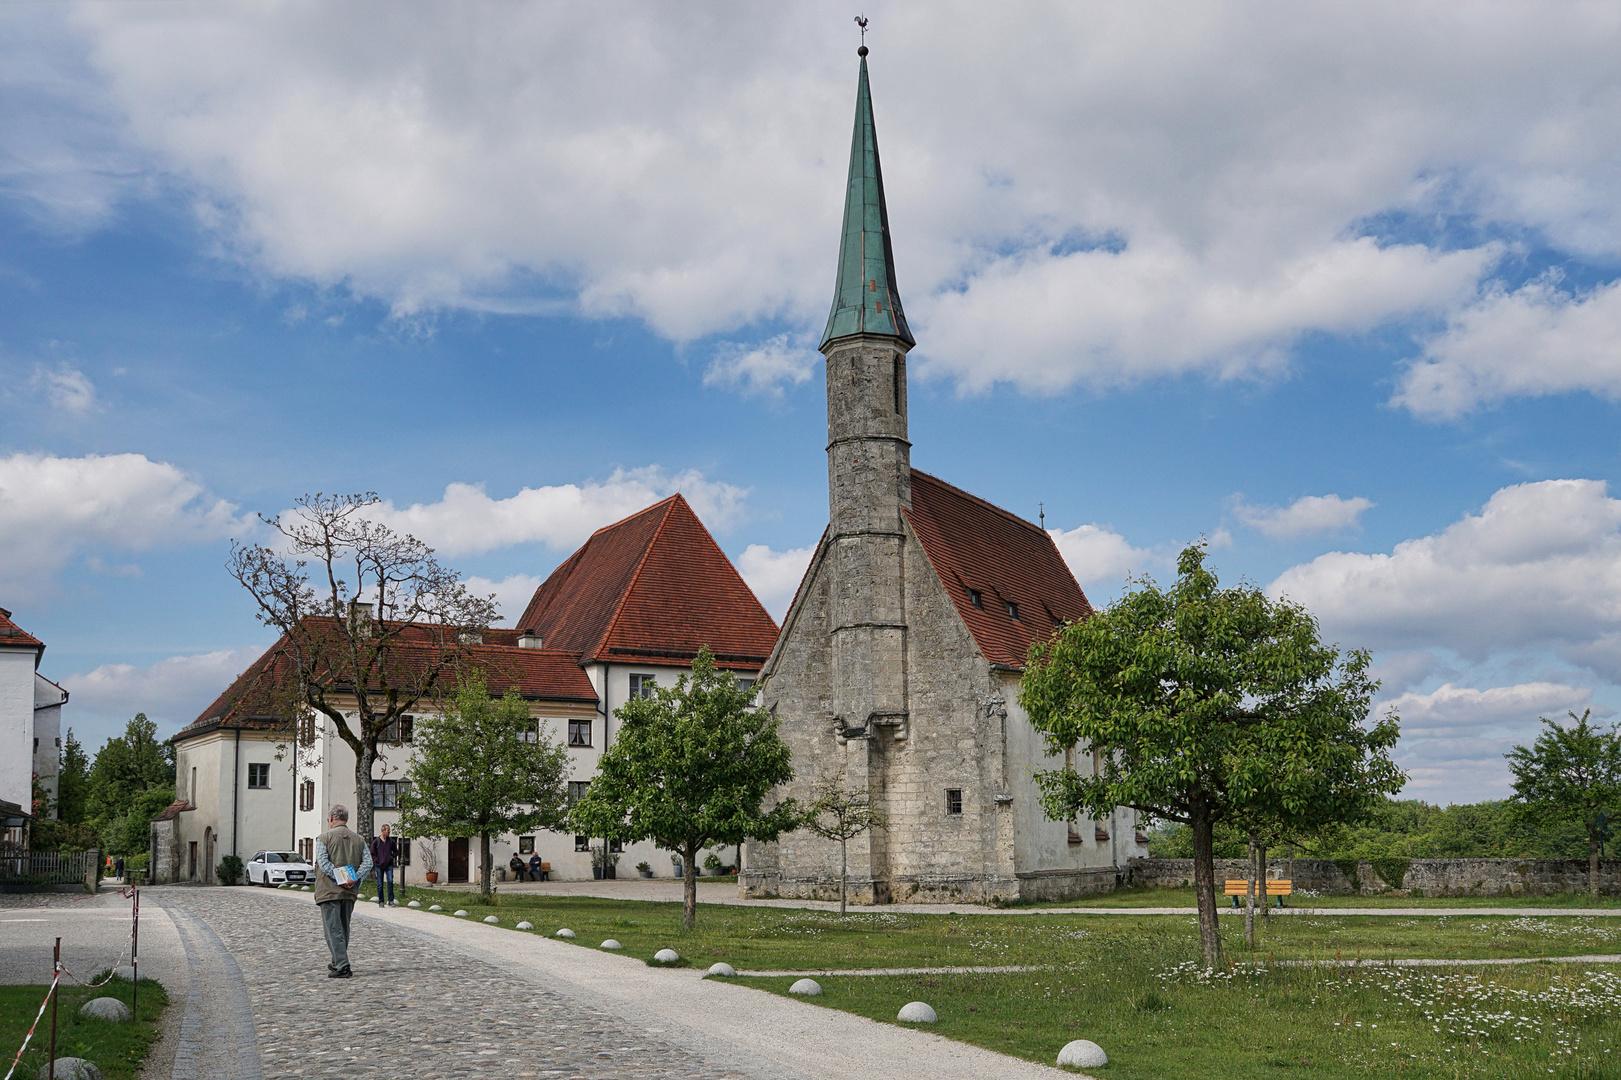 10. Burgkapelle